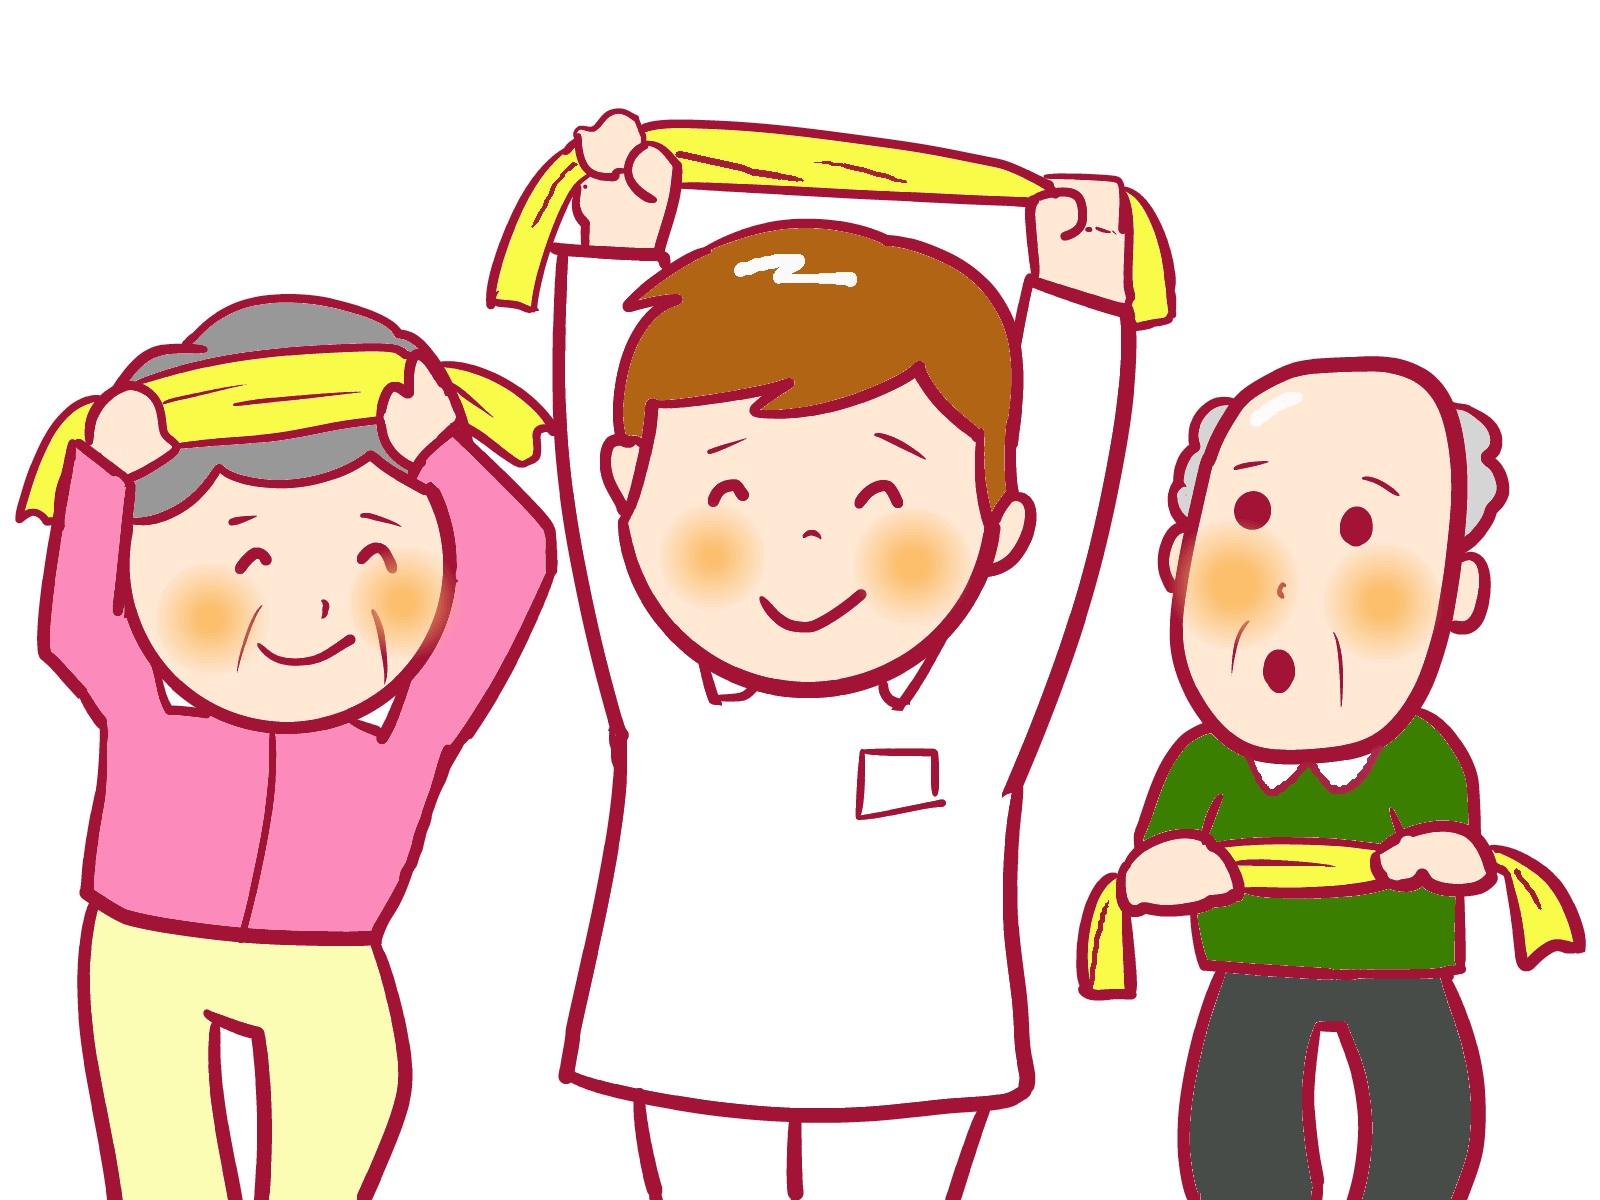 肩のインナーマッスルのトレーニング法とは?チューブを使ったトレーニング法まとめ